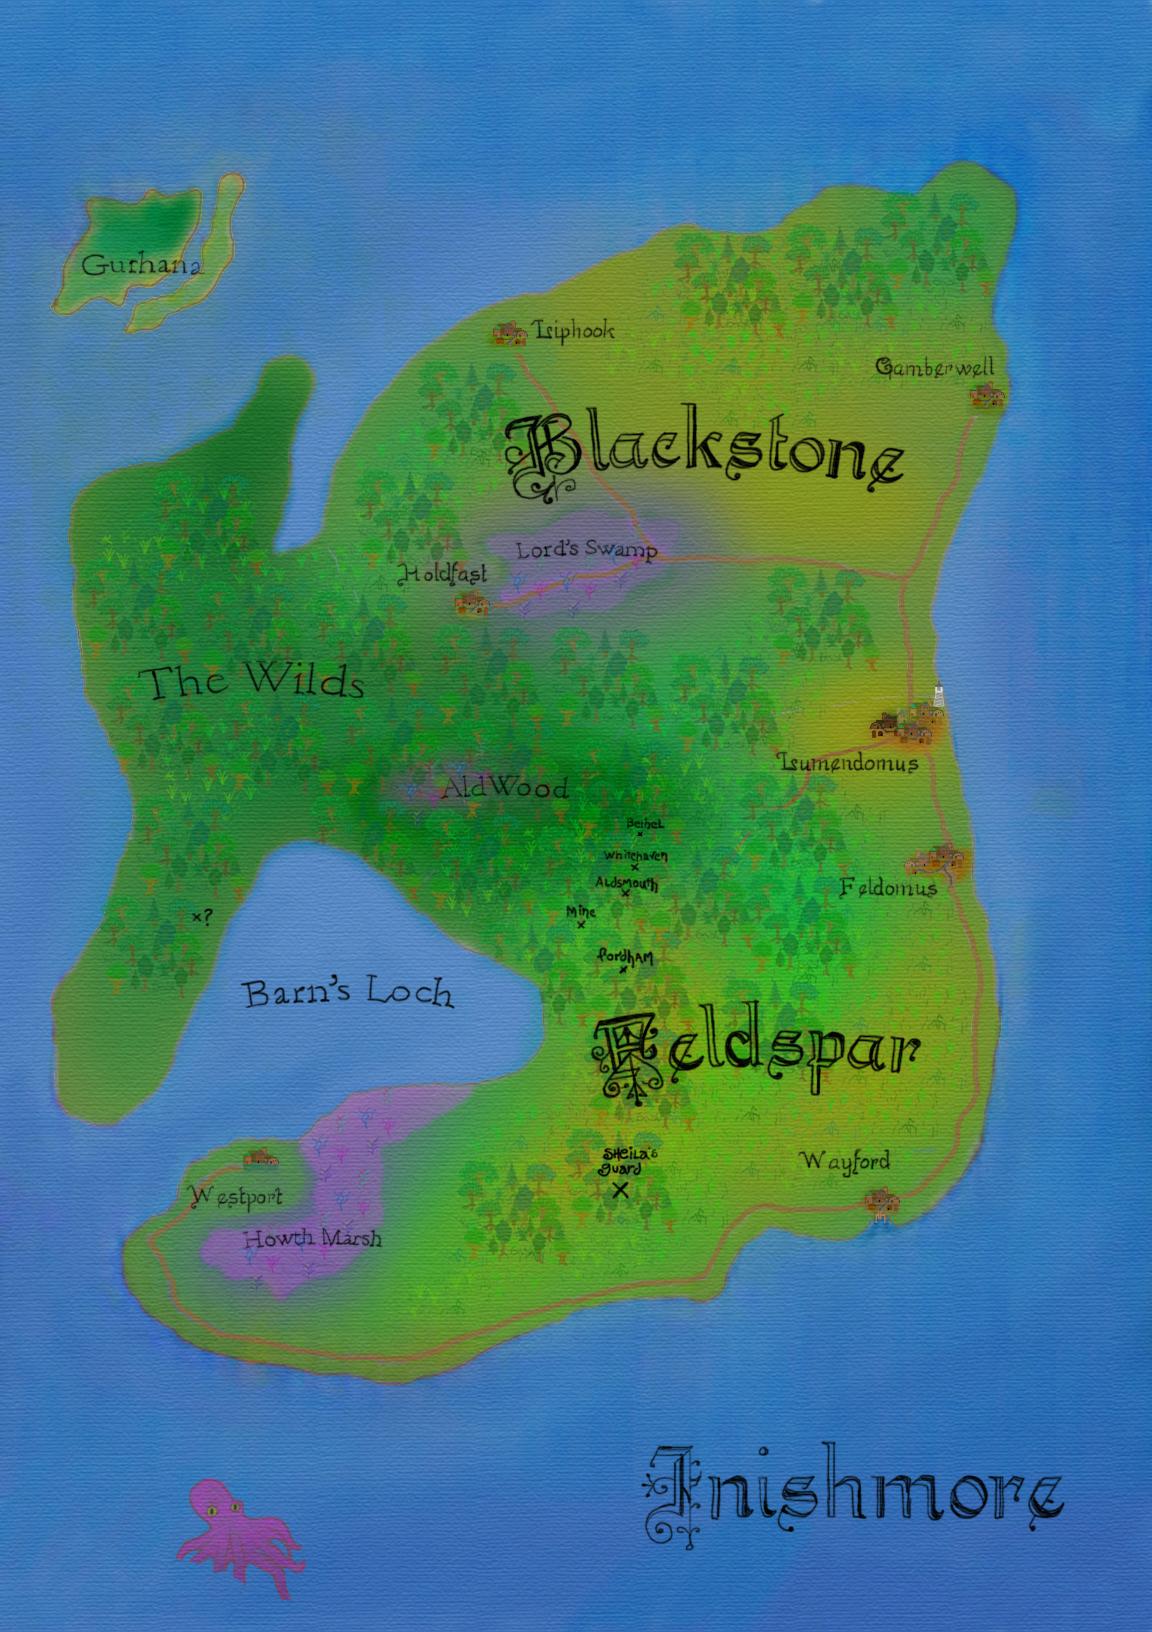 inishmore map